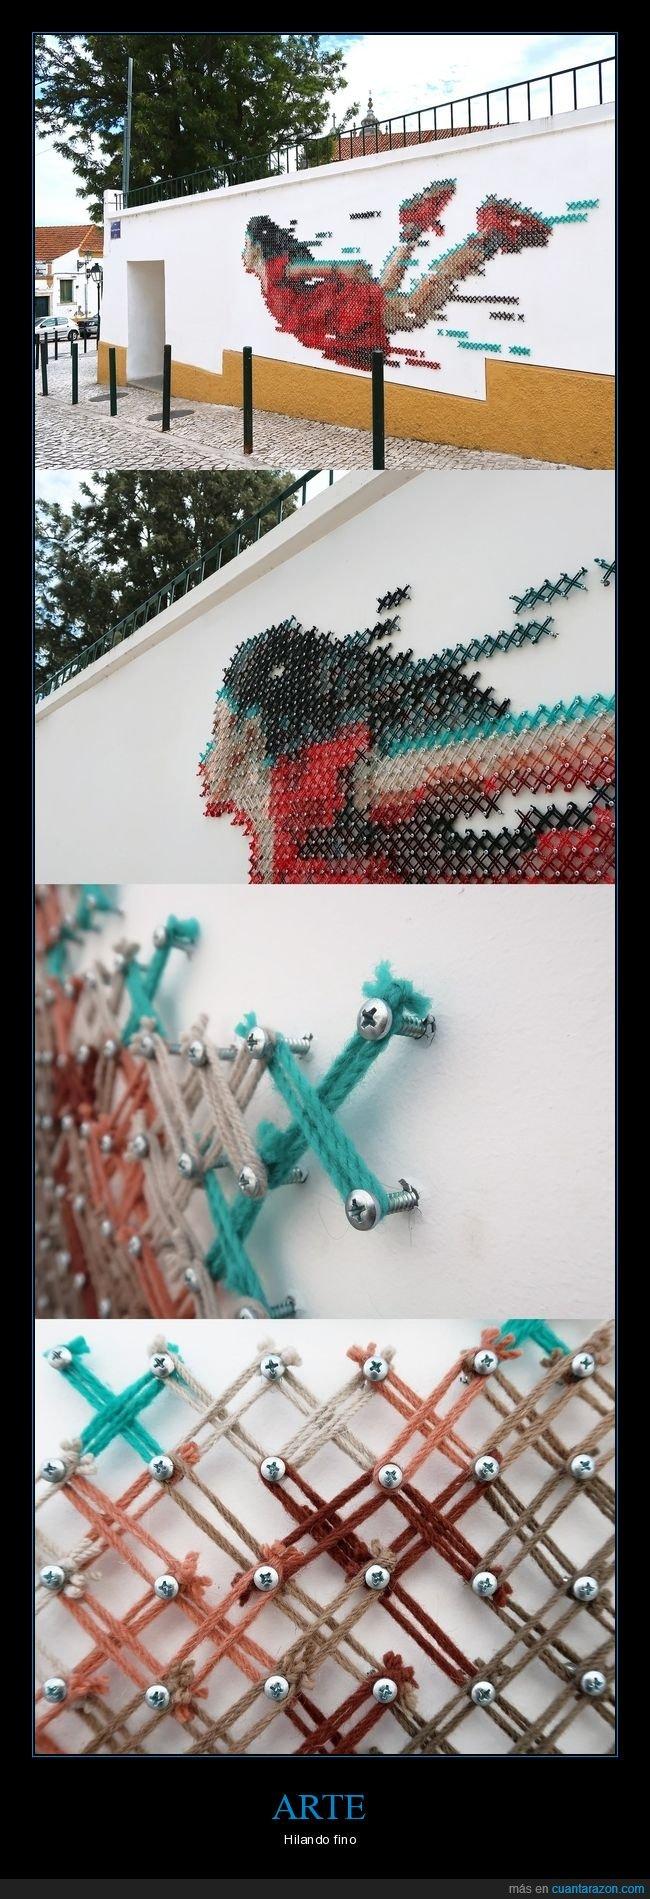 arte,hilo,tornillos